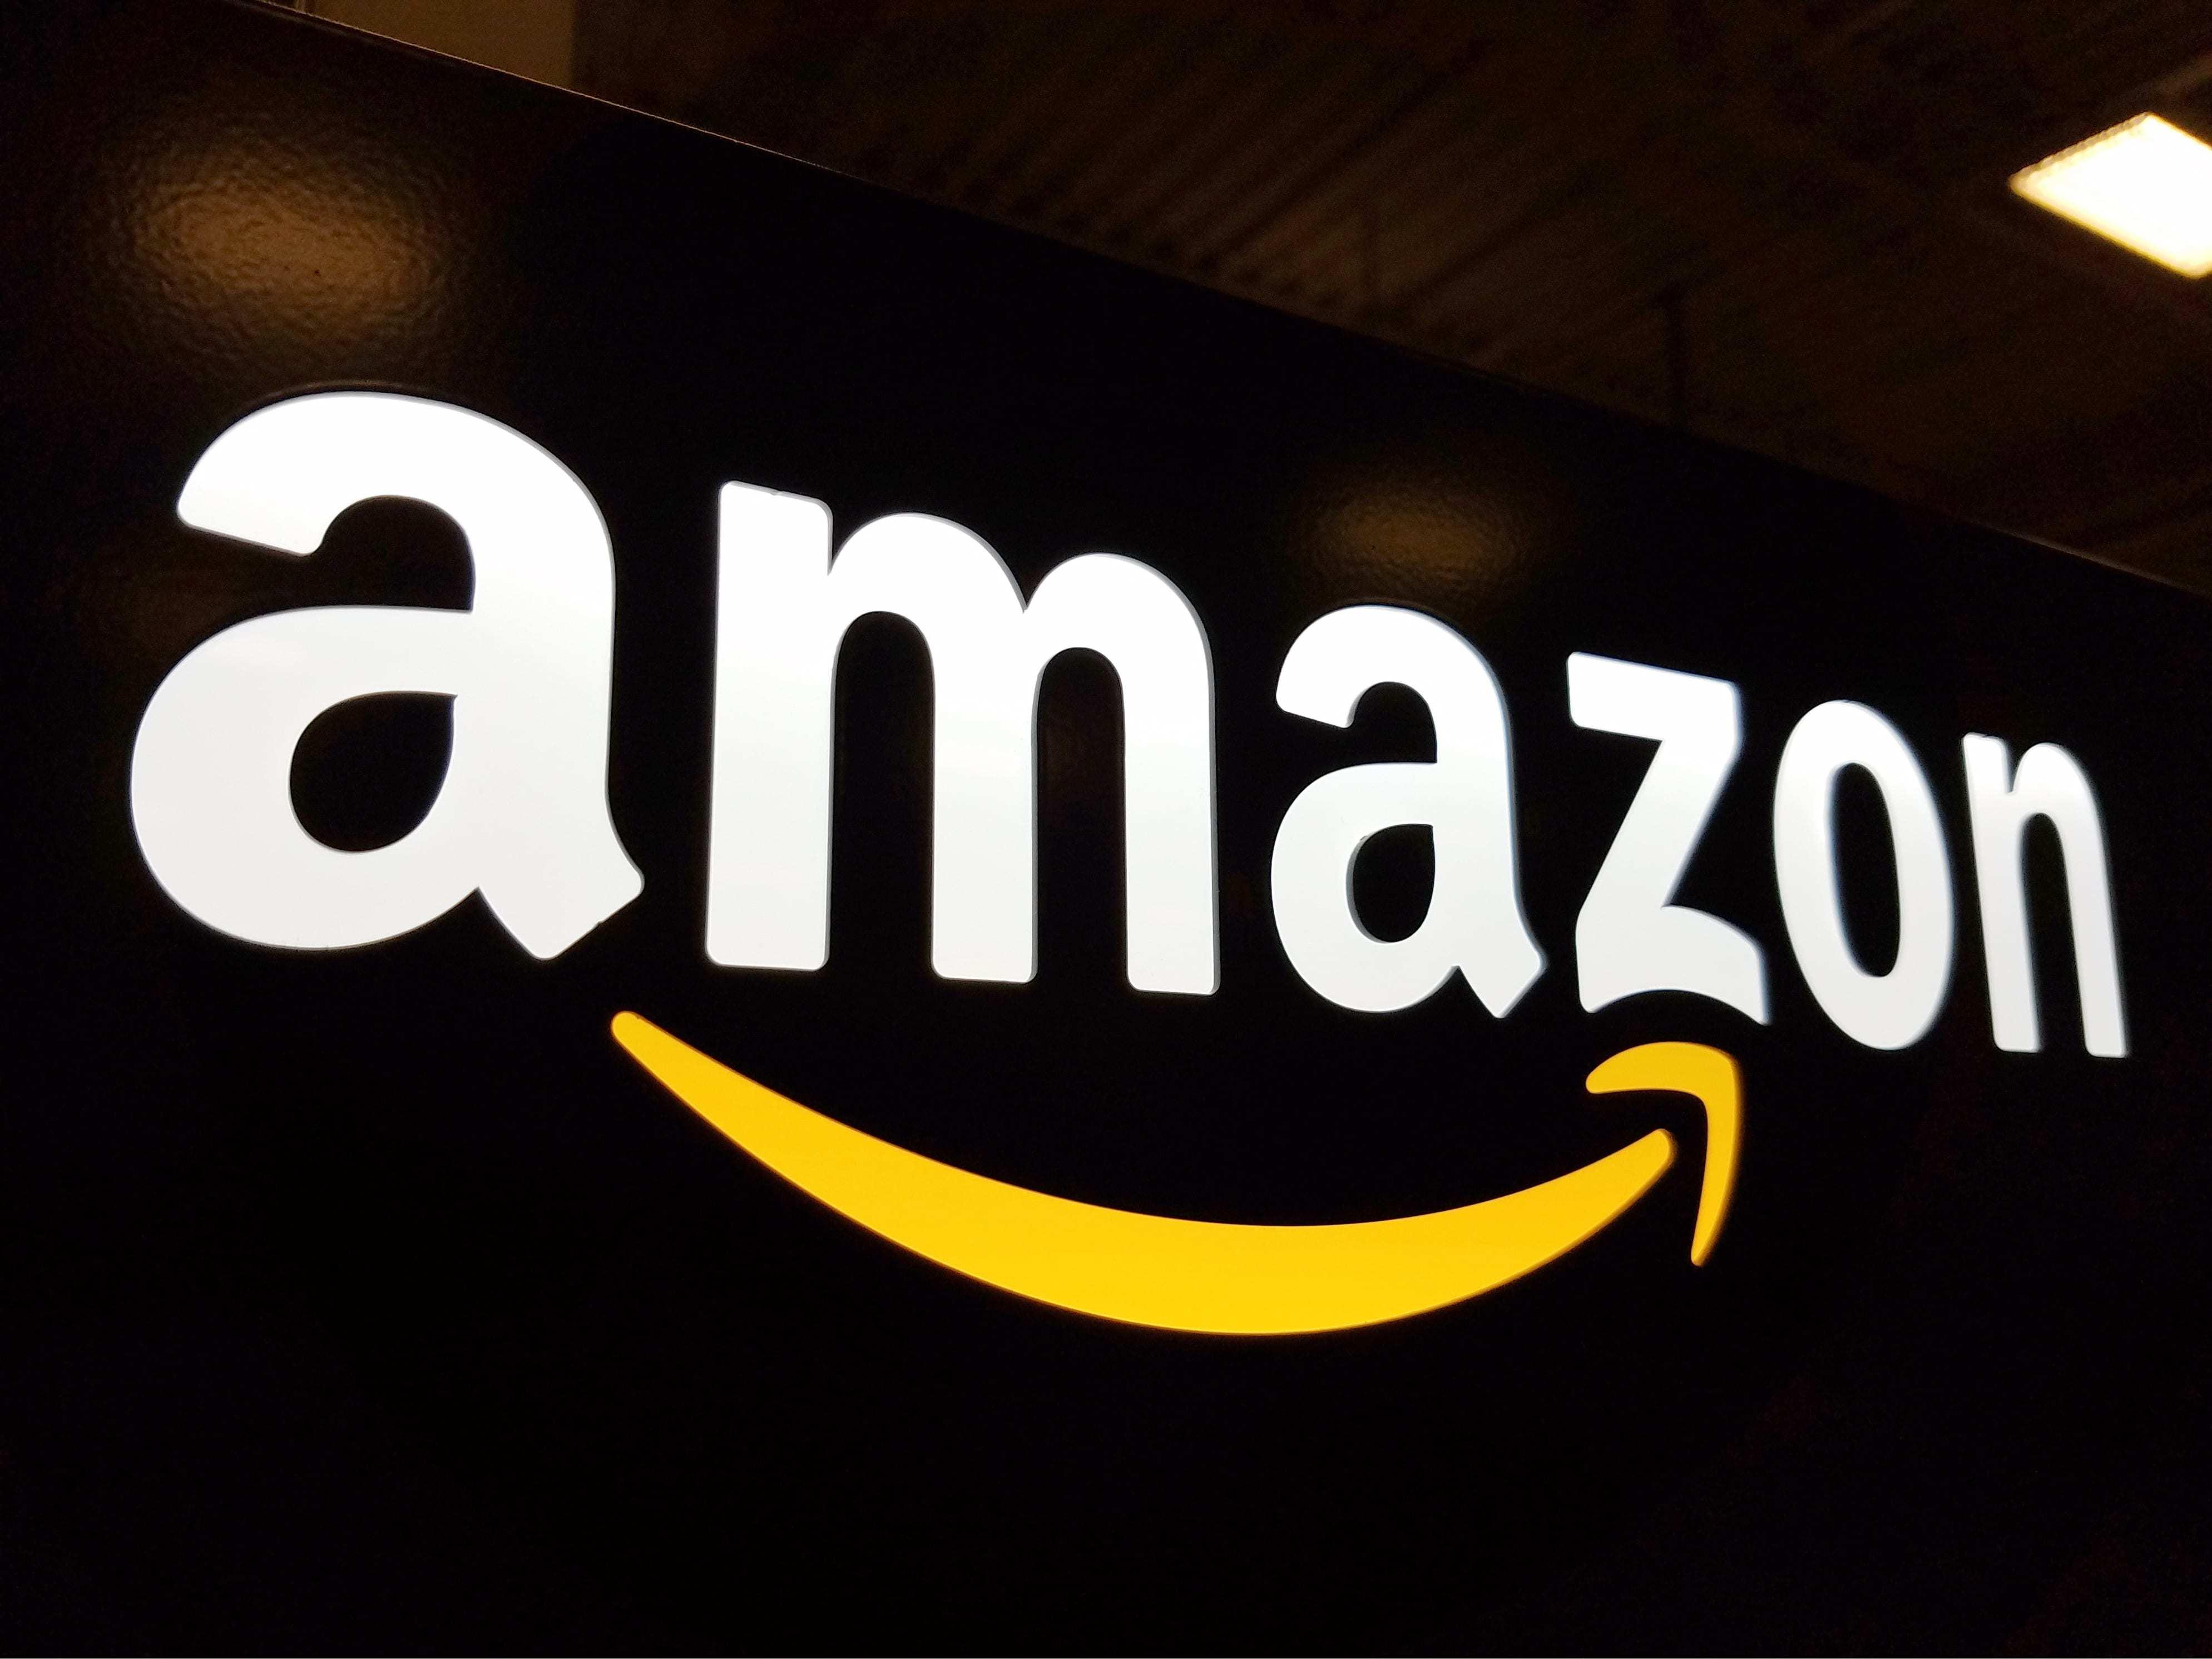 Sindicatul german Verdi a convocat o grevă de patru zile la depozitele Amazon din Germania